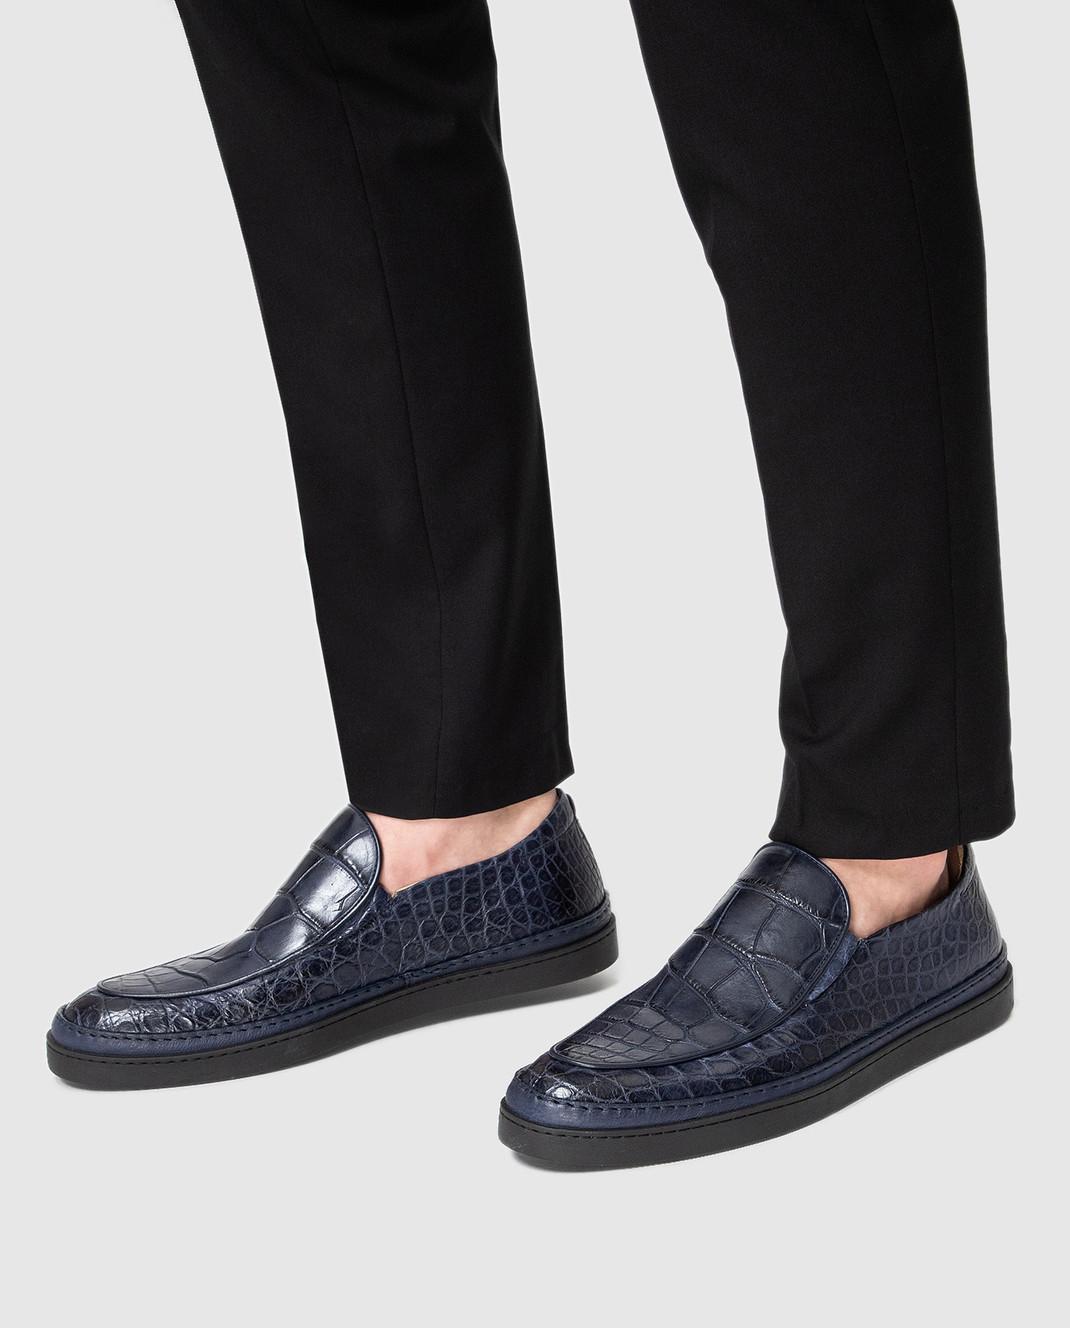 Del Dami Синие туфли из кожи аллигатора изображение 2